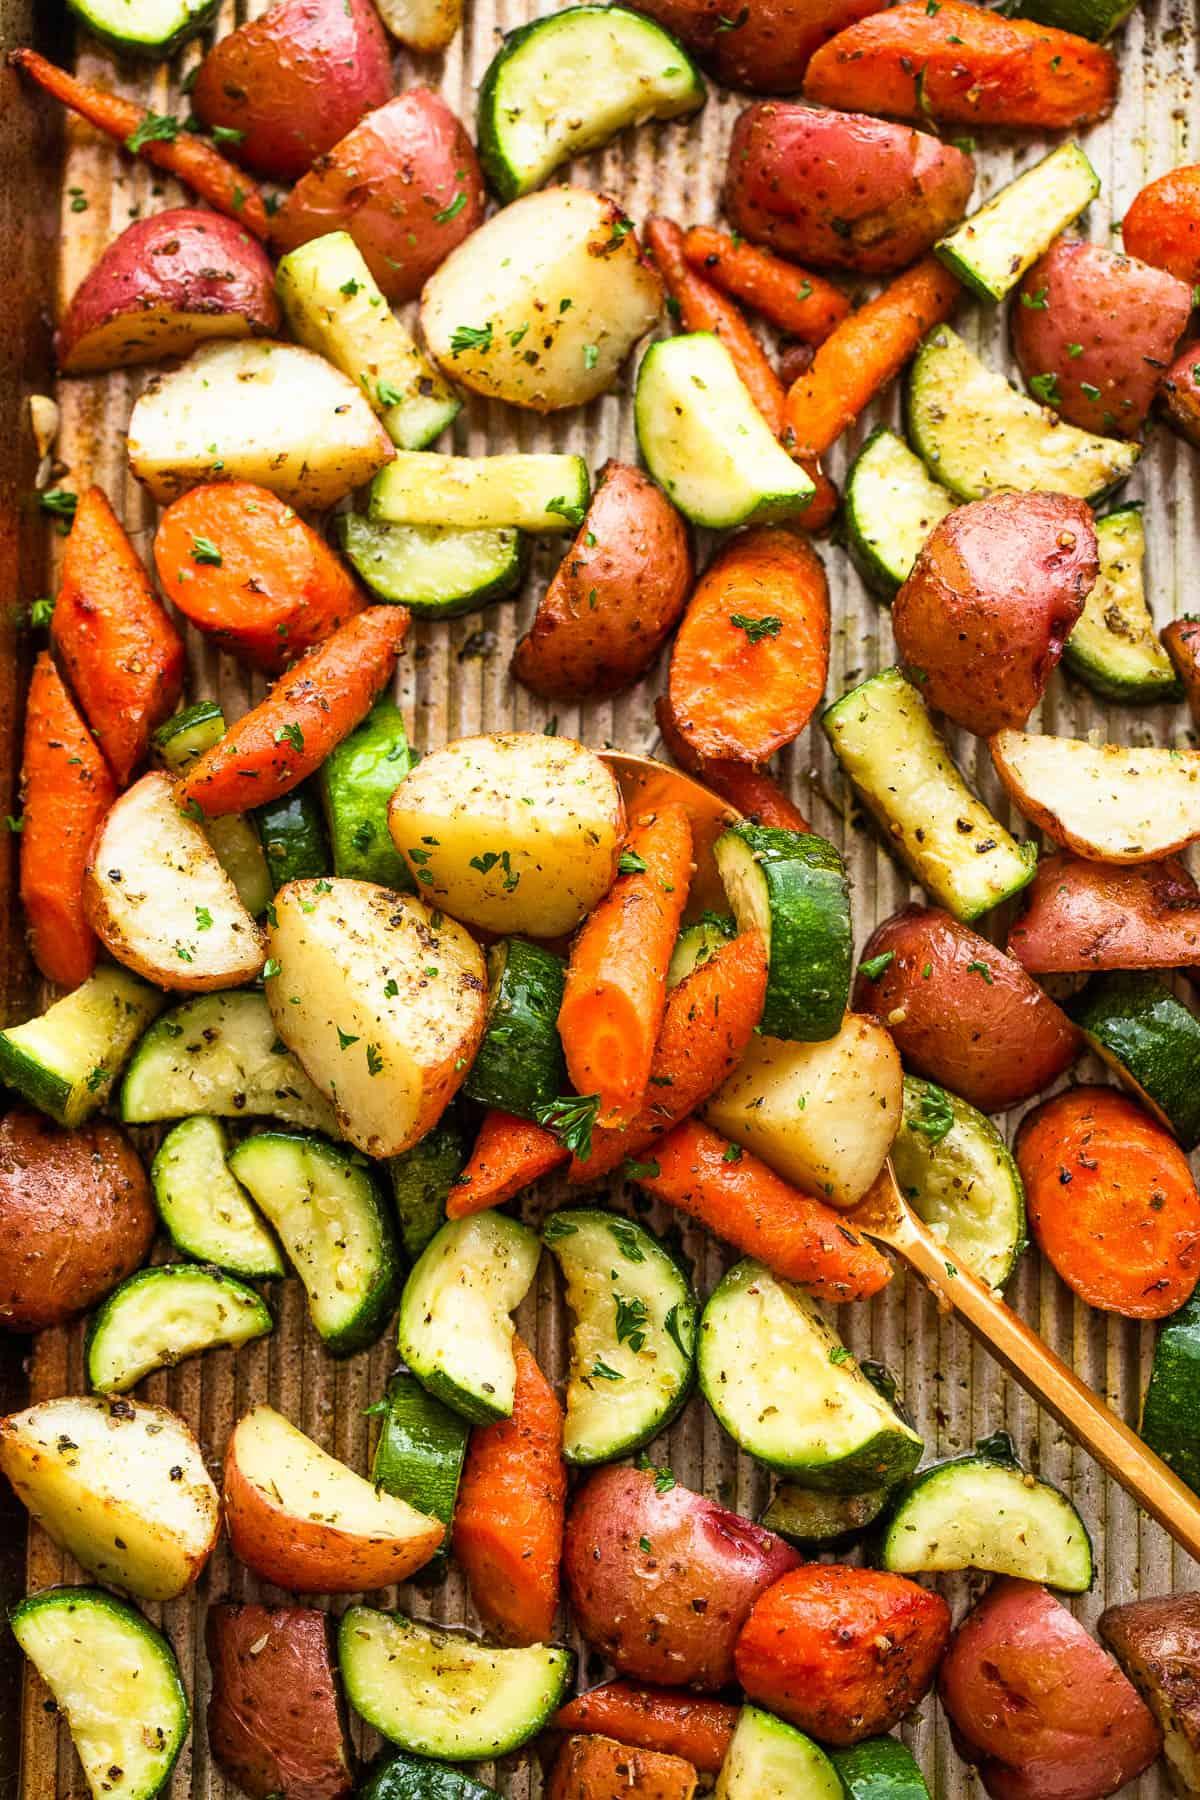 keverjük össze egy serpenyőben sült burgonyával, sárgarépával és cukkinivel